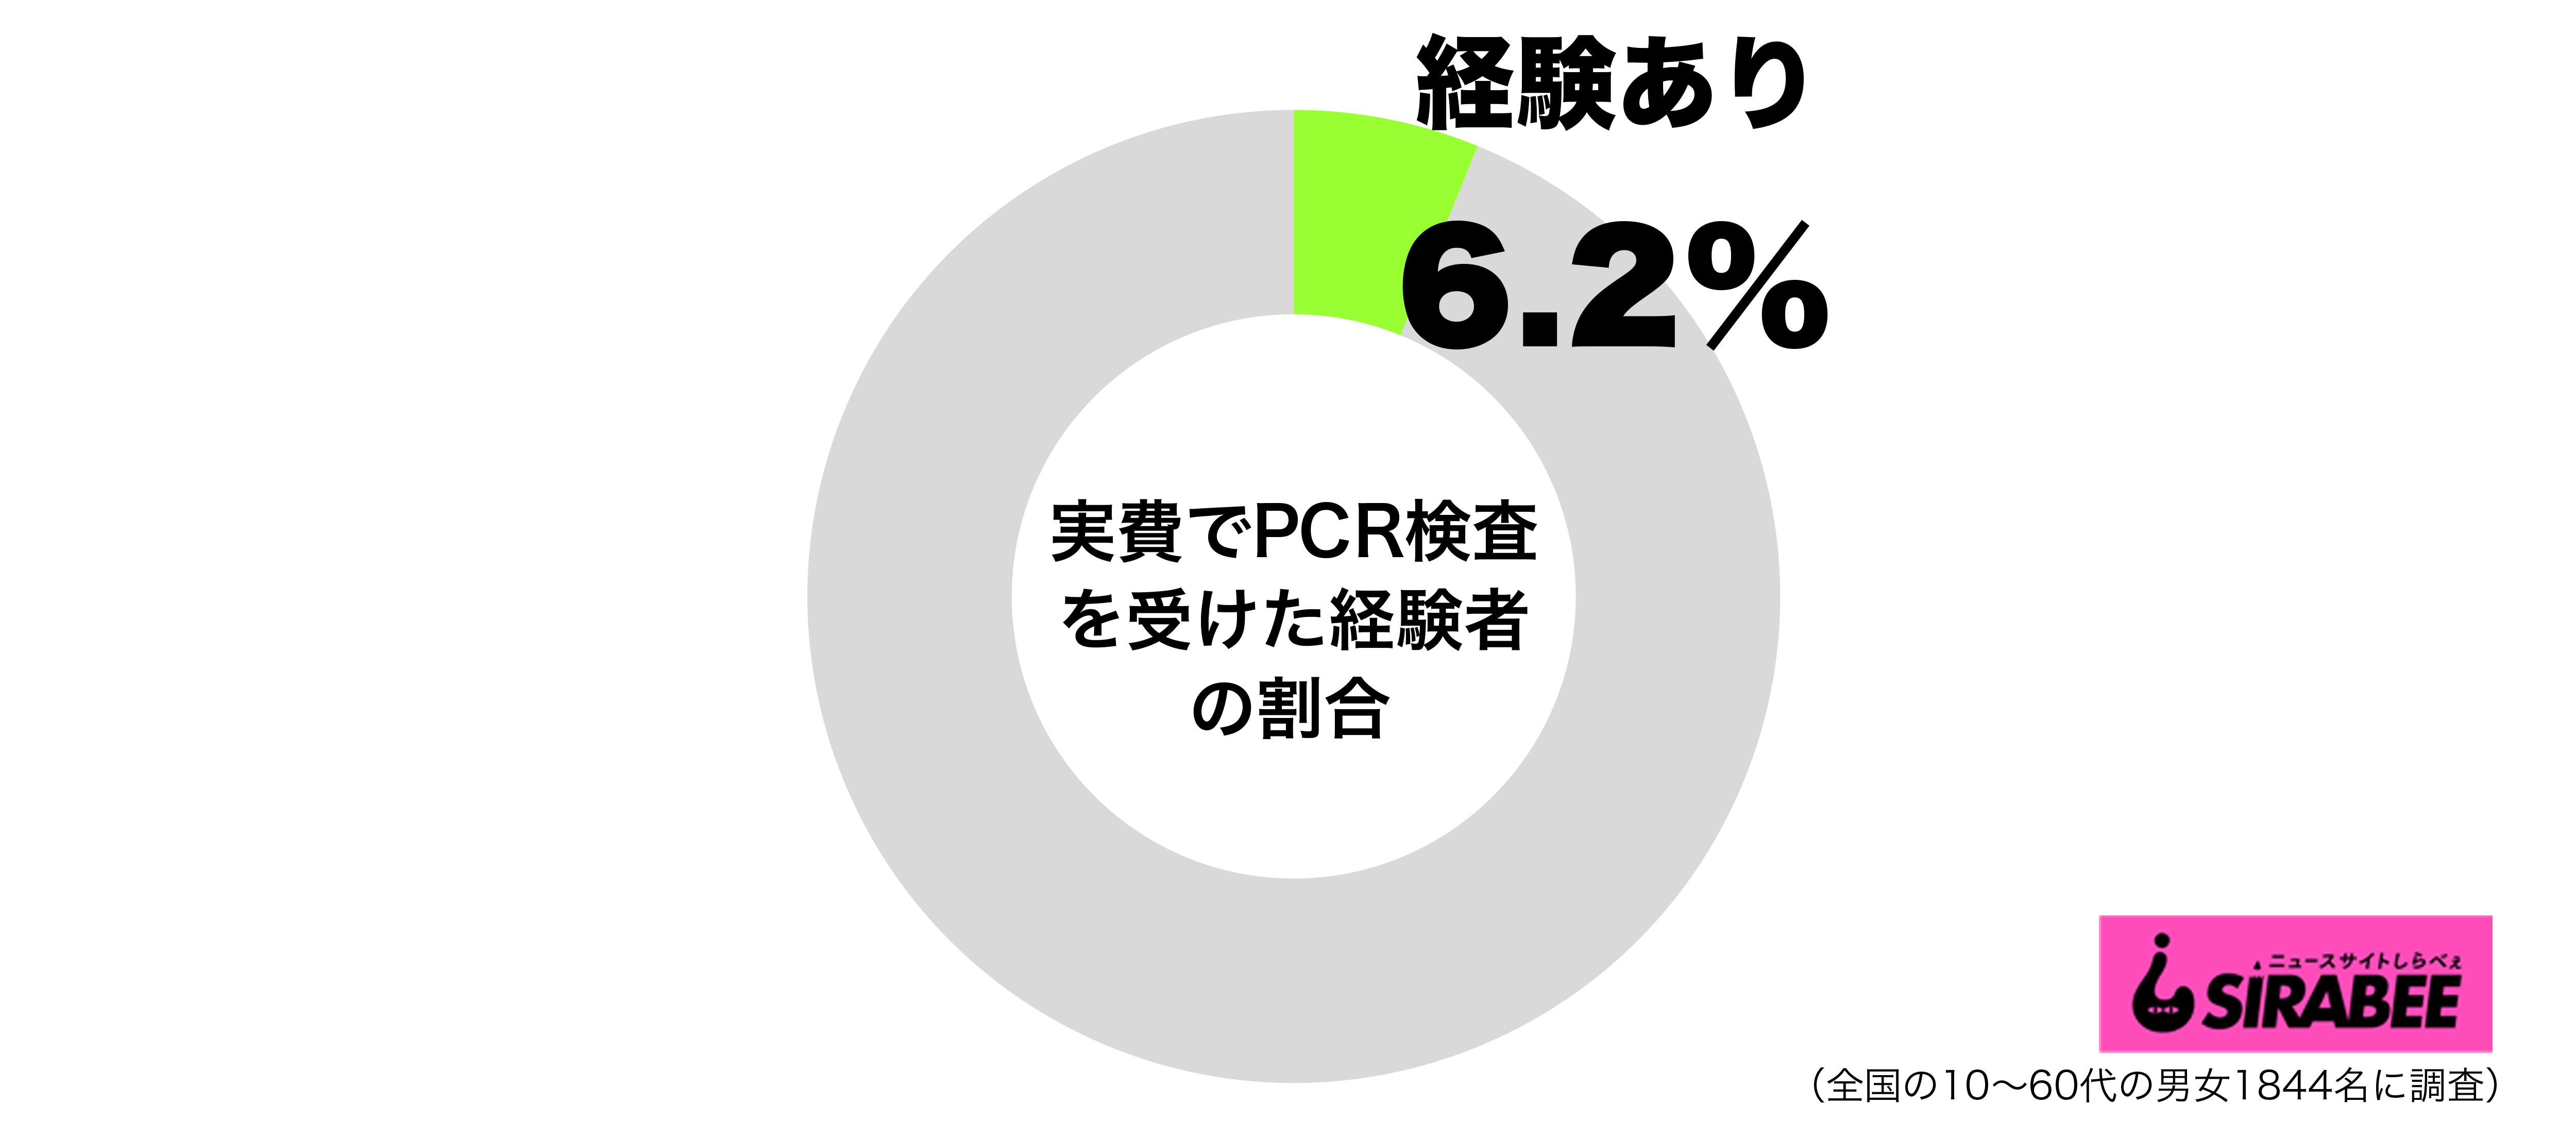 実費でPCR検査を受けた経験があるグラフ